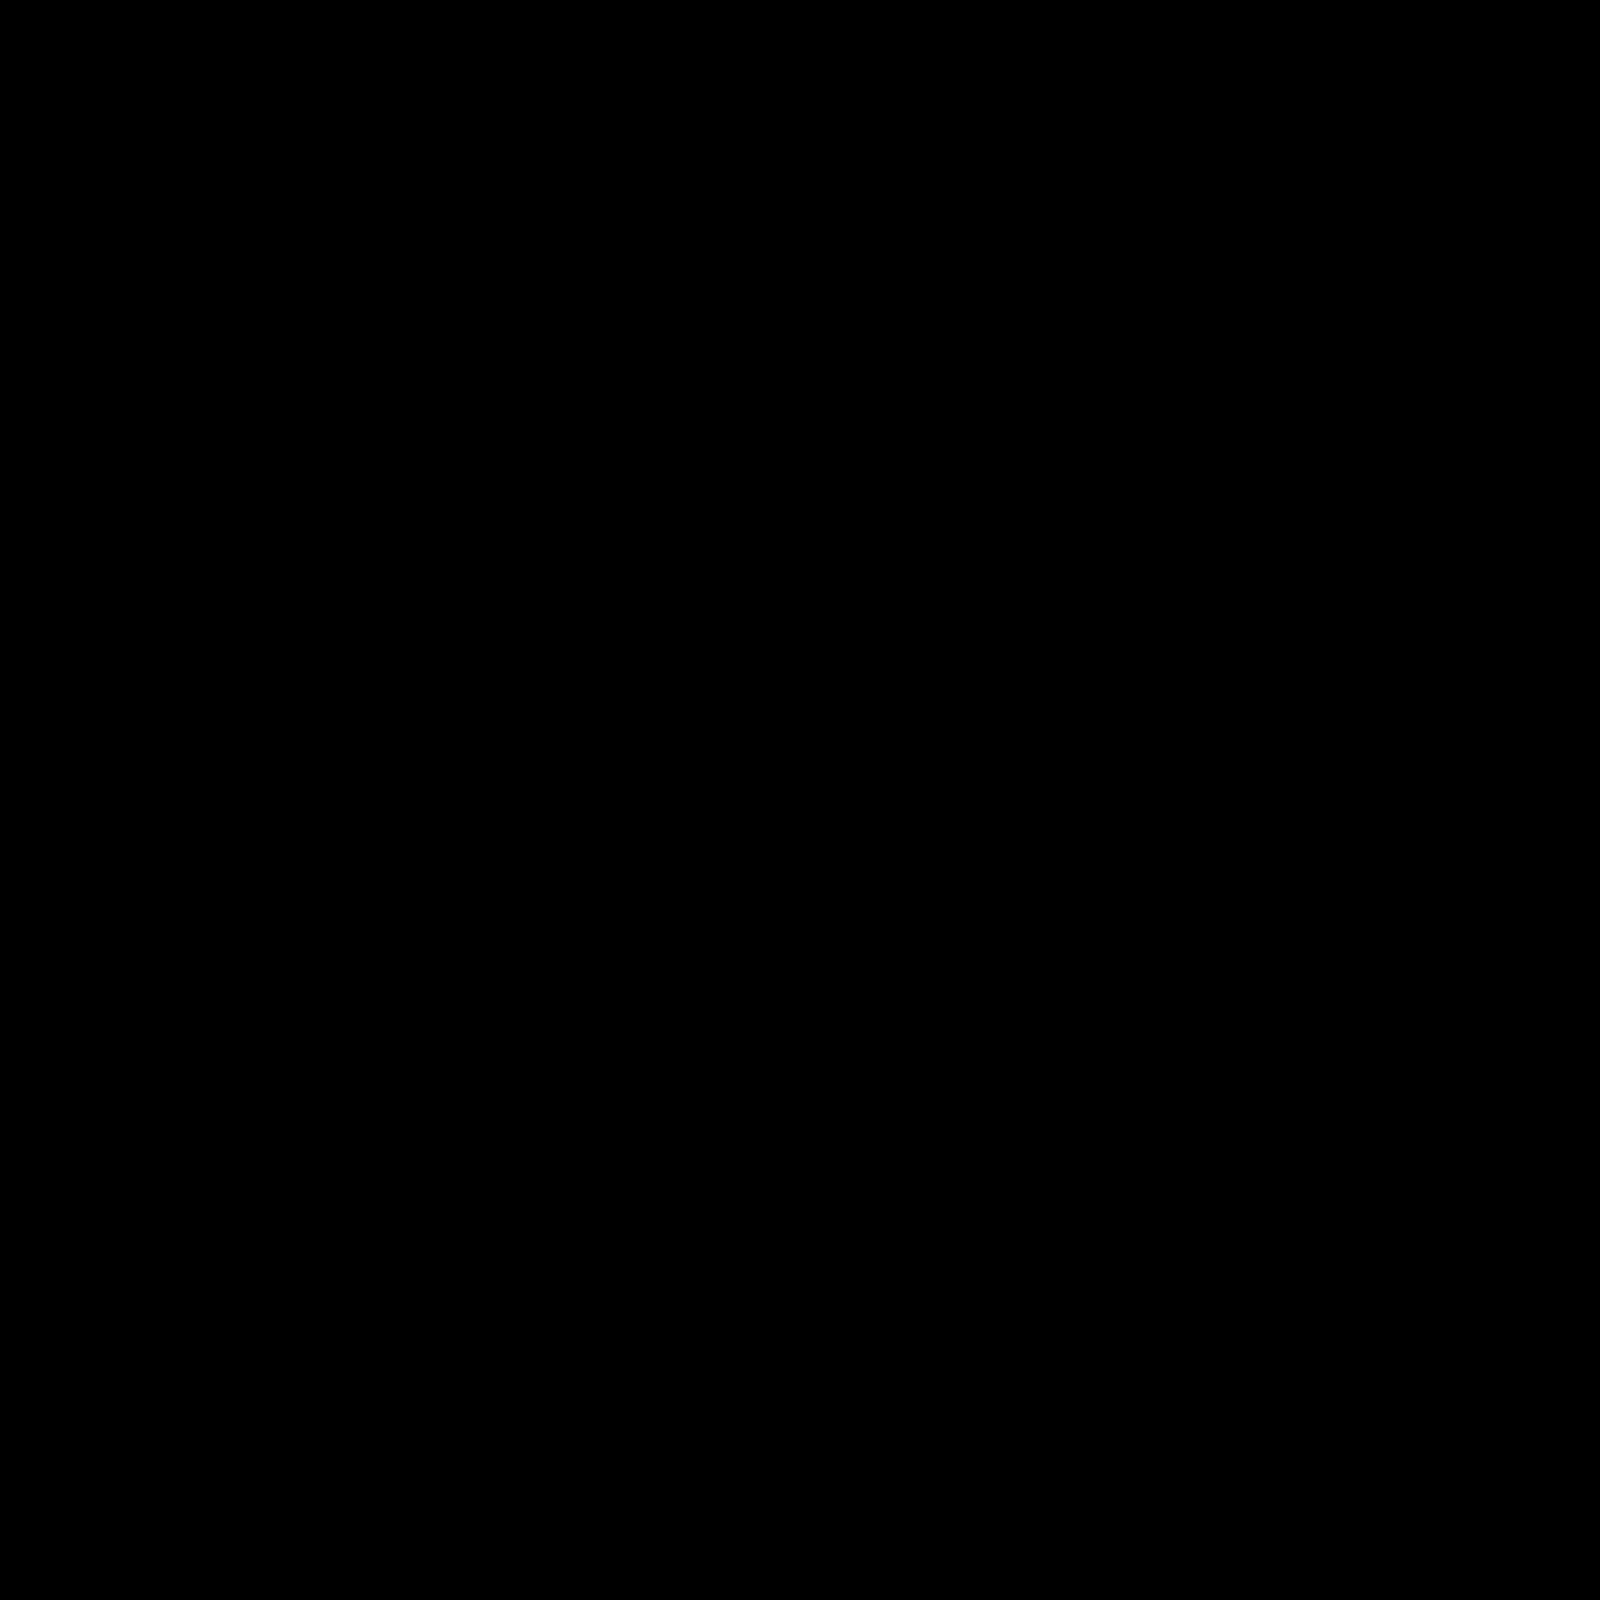 Dolcaina icon